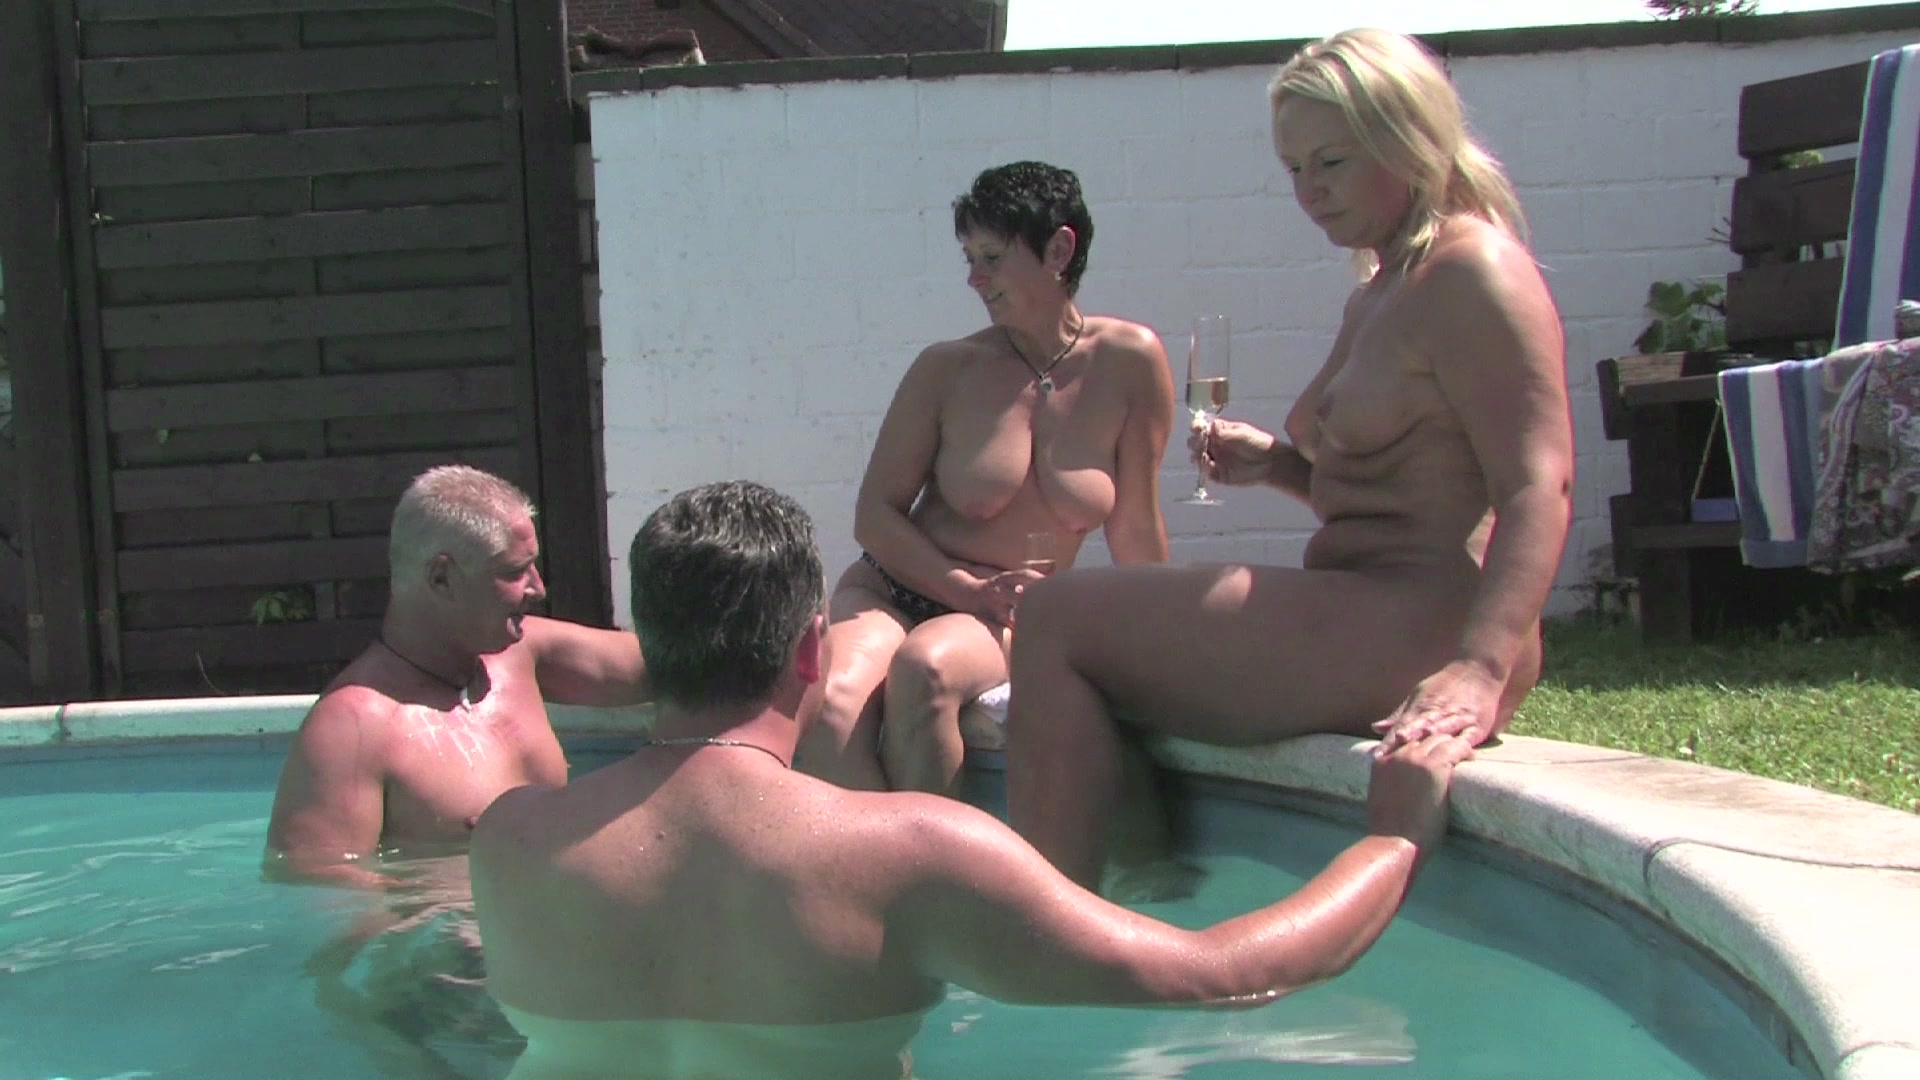 Virgins getting oral